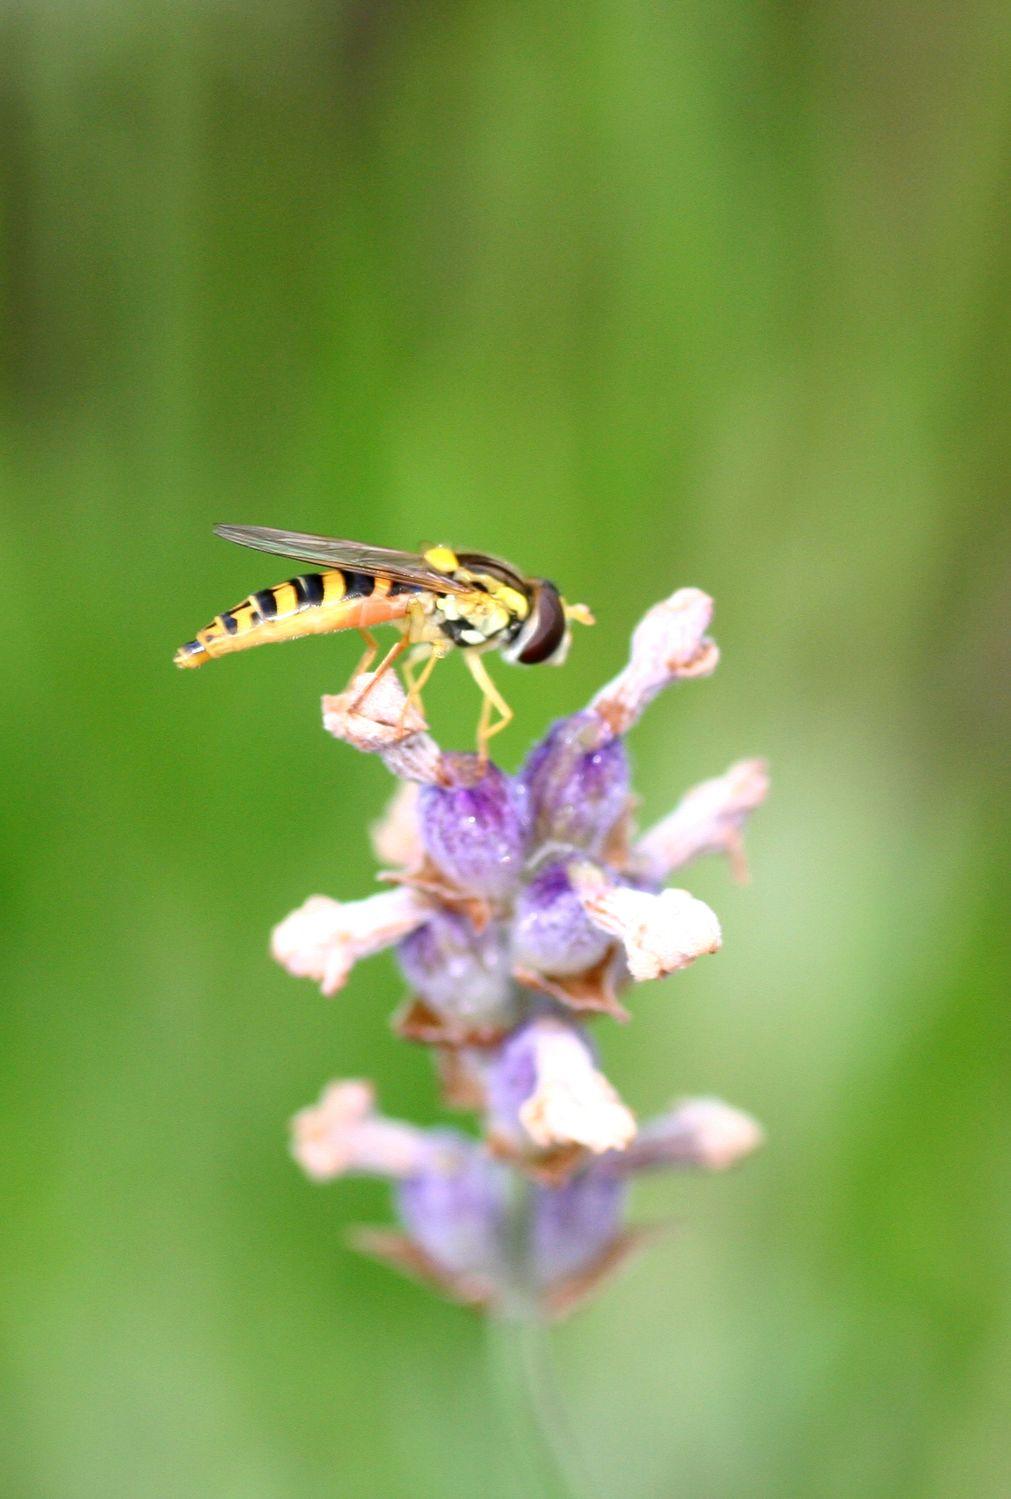 Bild mit Tiere, Natur, Pflanzen, Blumen, Insekten, Hautflügler, Bienen, Sträucher, Lavendel, Hornissen